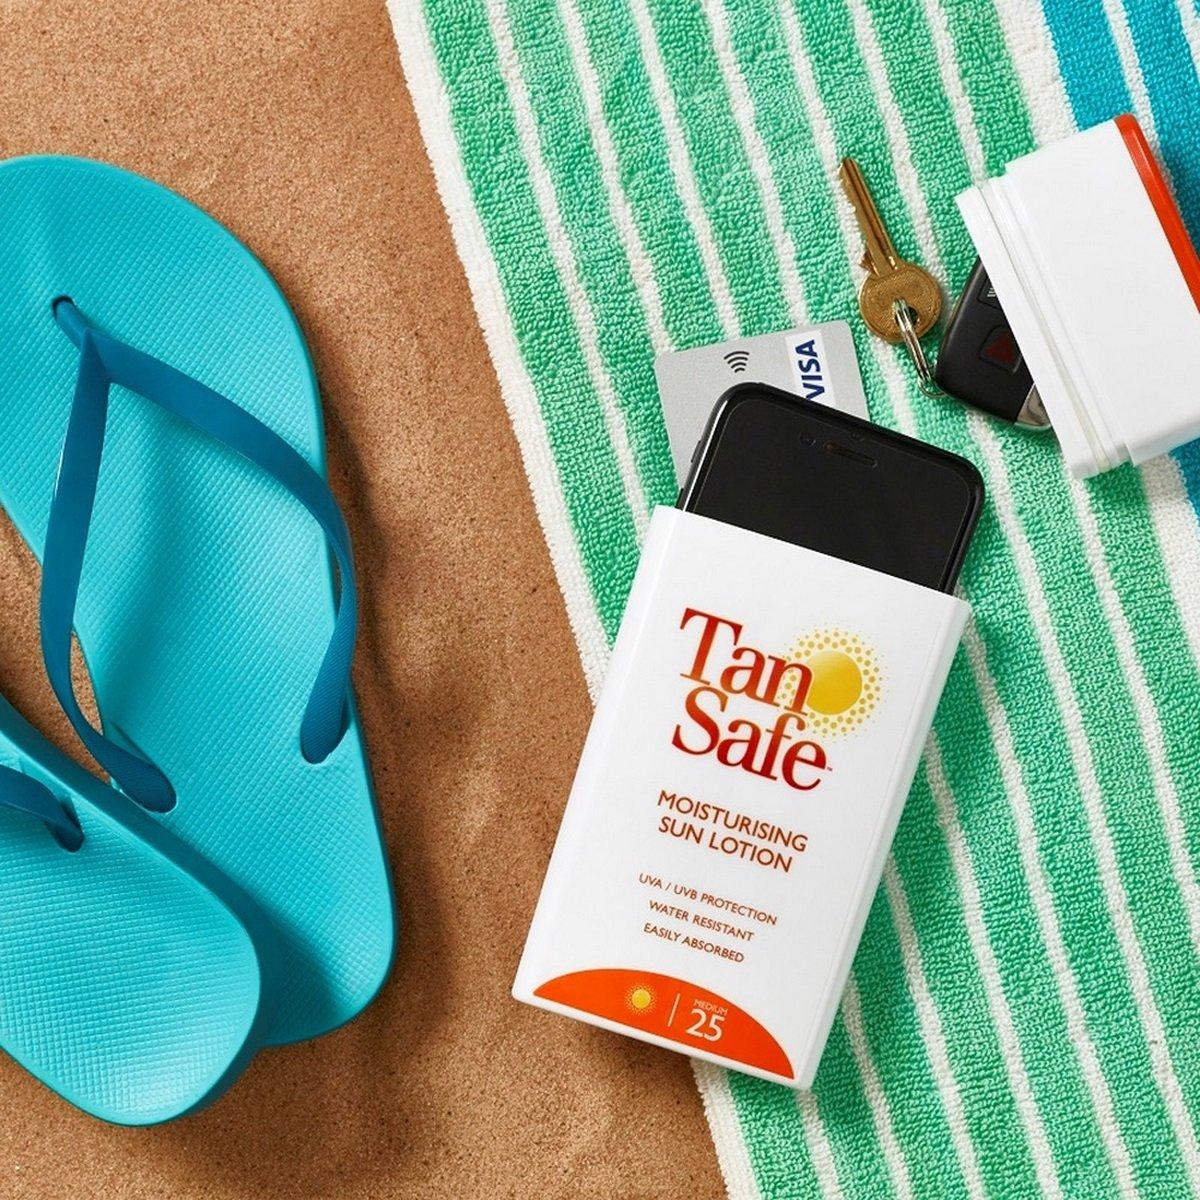 Dit gadget vind ik super handig! Het lijkt op een flesje zonnemelk maar eigenlijk verstop ik er mijn gsm en kamersleutel in als ik een duik neem in het zwembad of aan het snorkelen ben in het rif